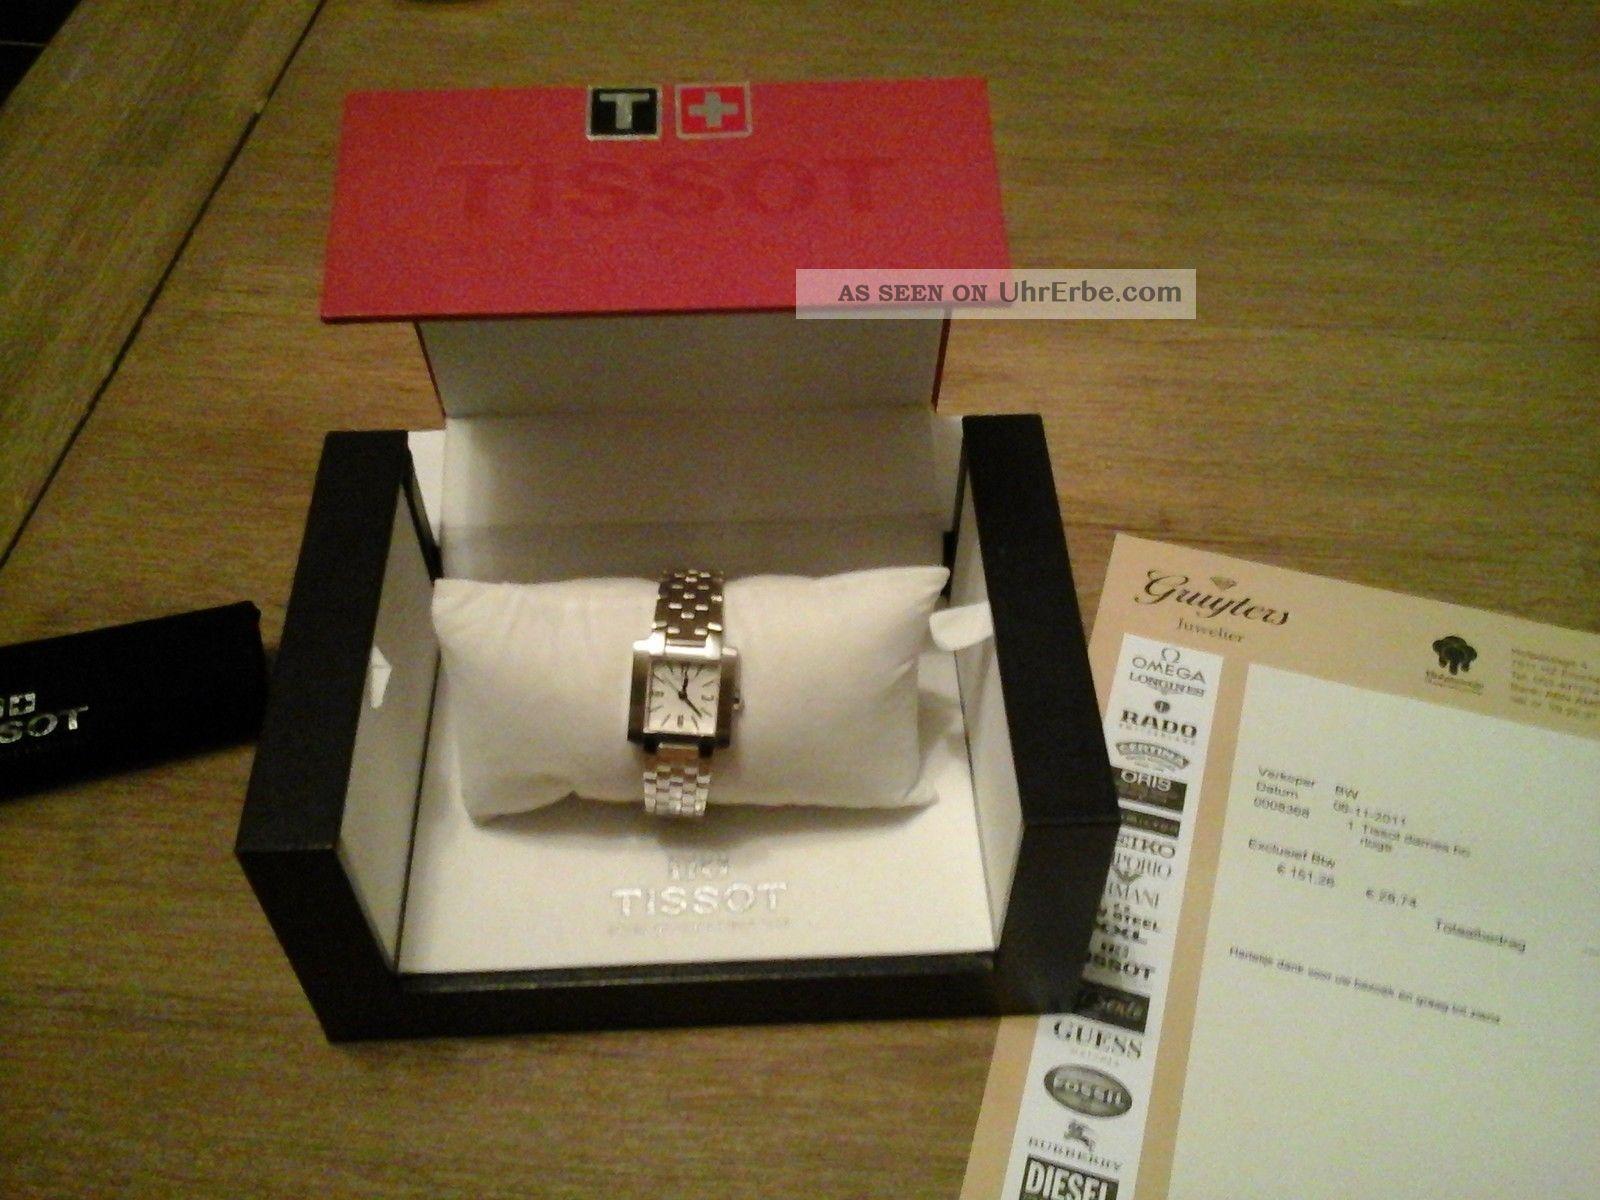 Tissot Damenuhr Armbanduhren Bild